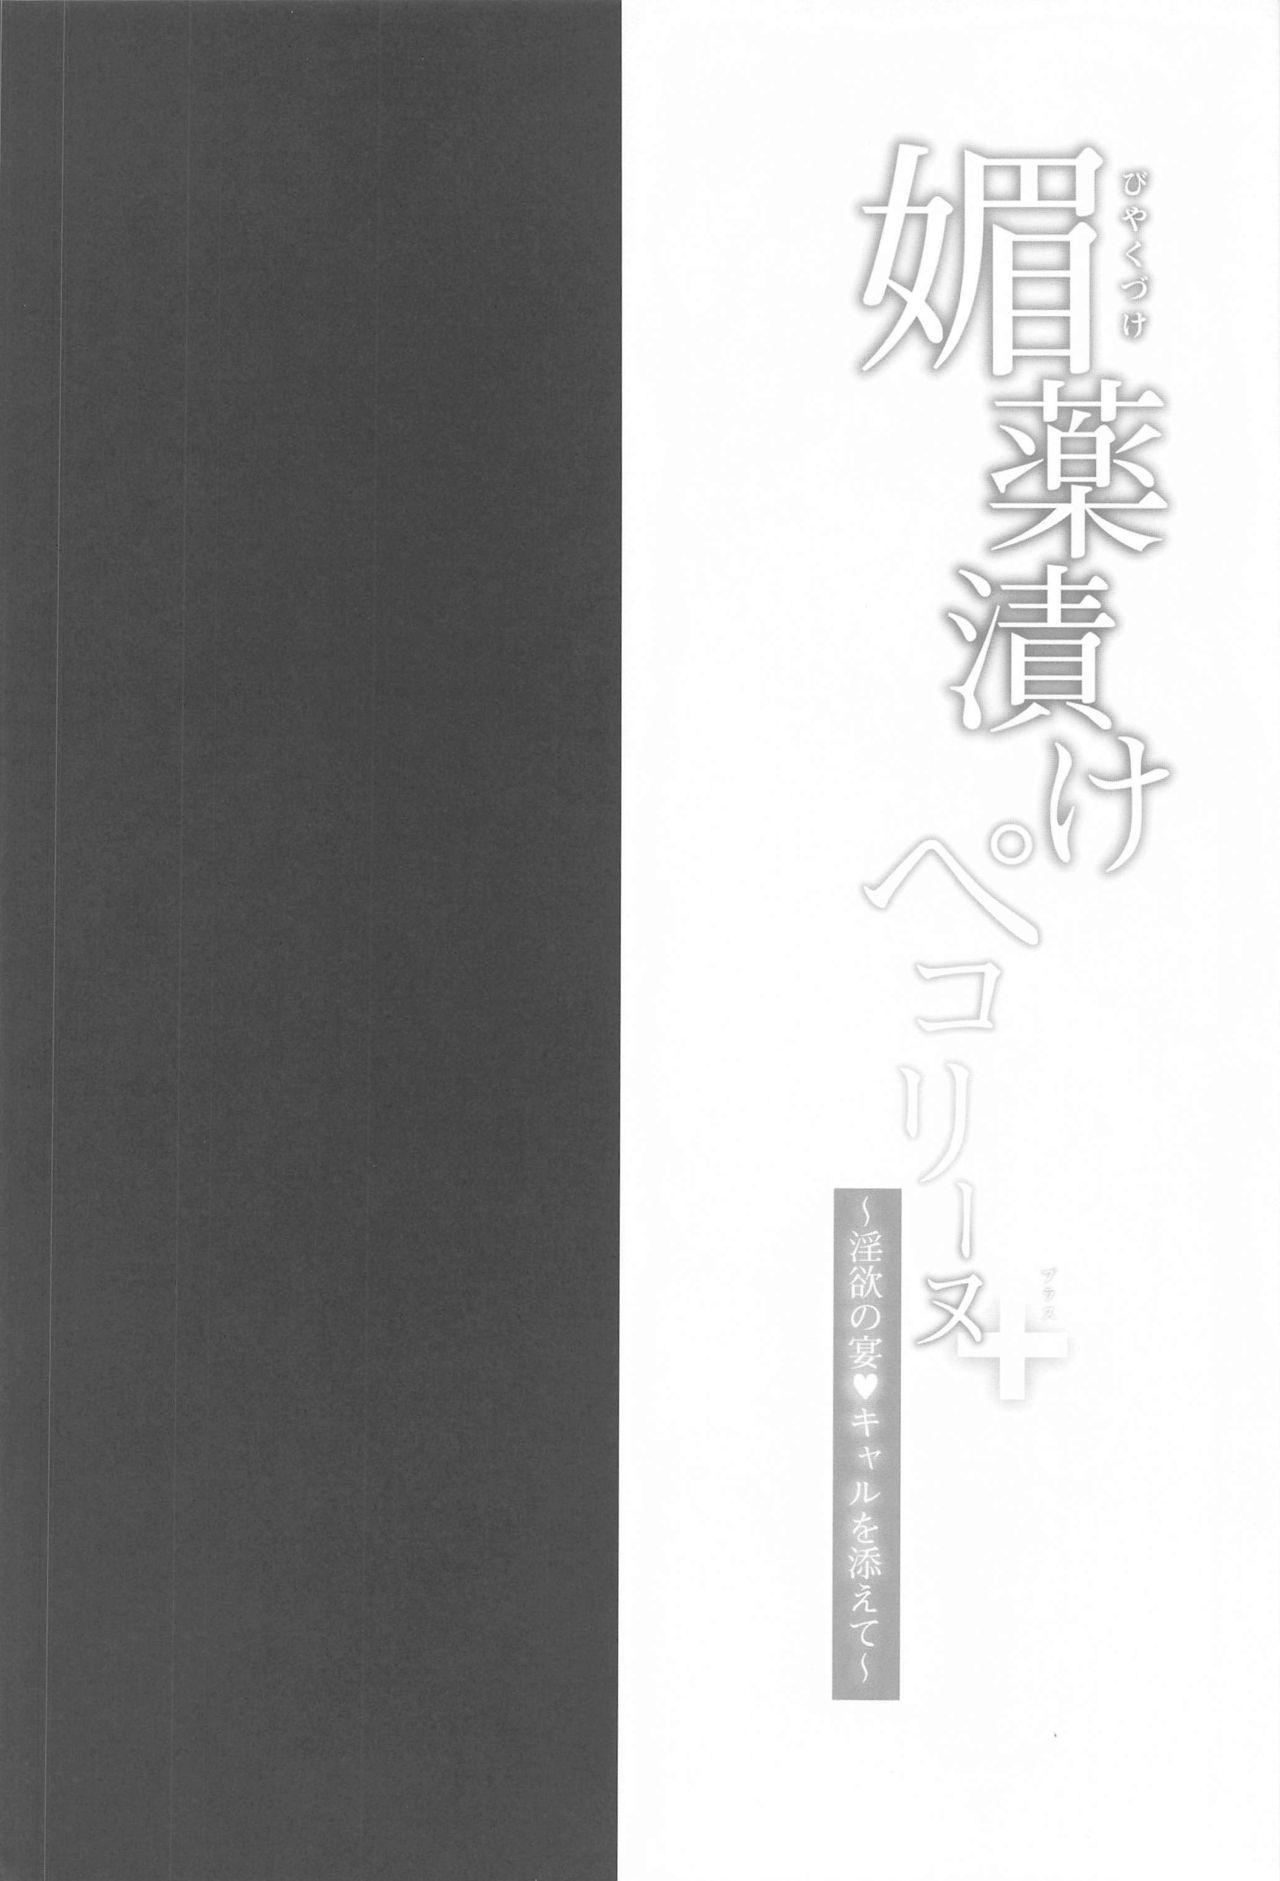 Biyakuzuke Pecorine+ 2